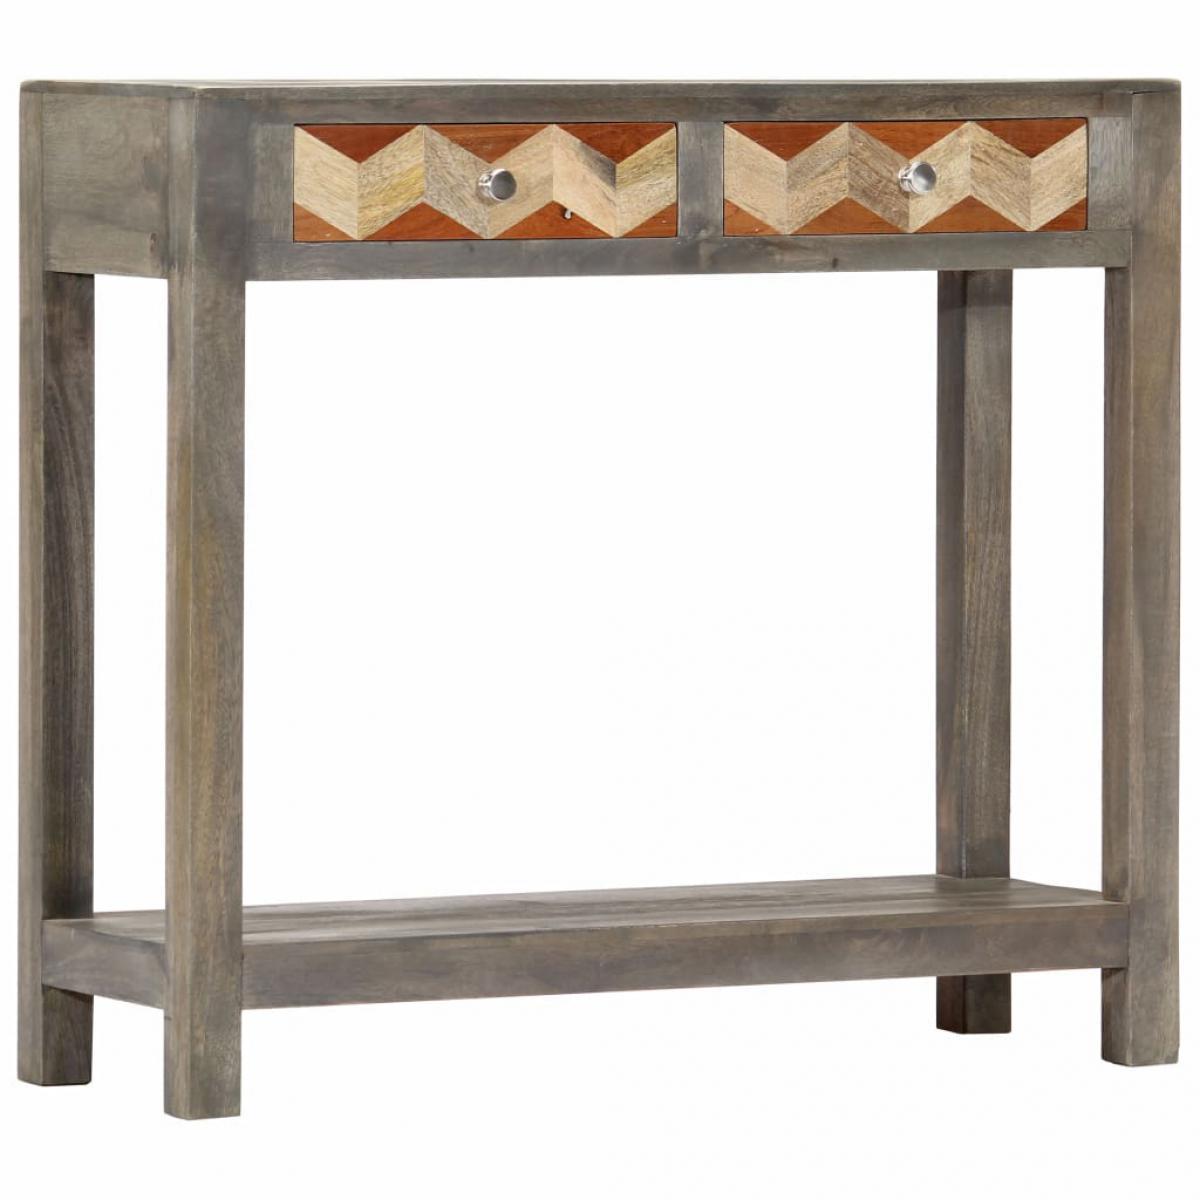 Vidaxl vidaXL Table console Gris 86 x 30 x 76 cm Bois de manguier massif